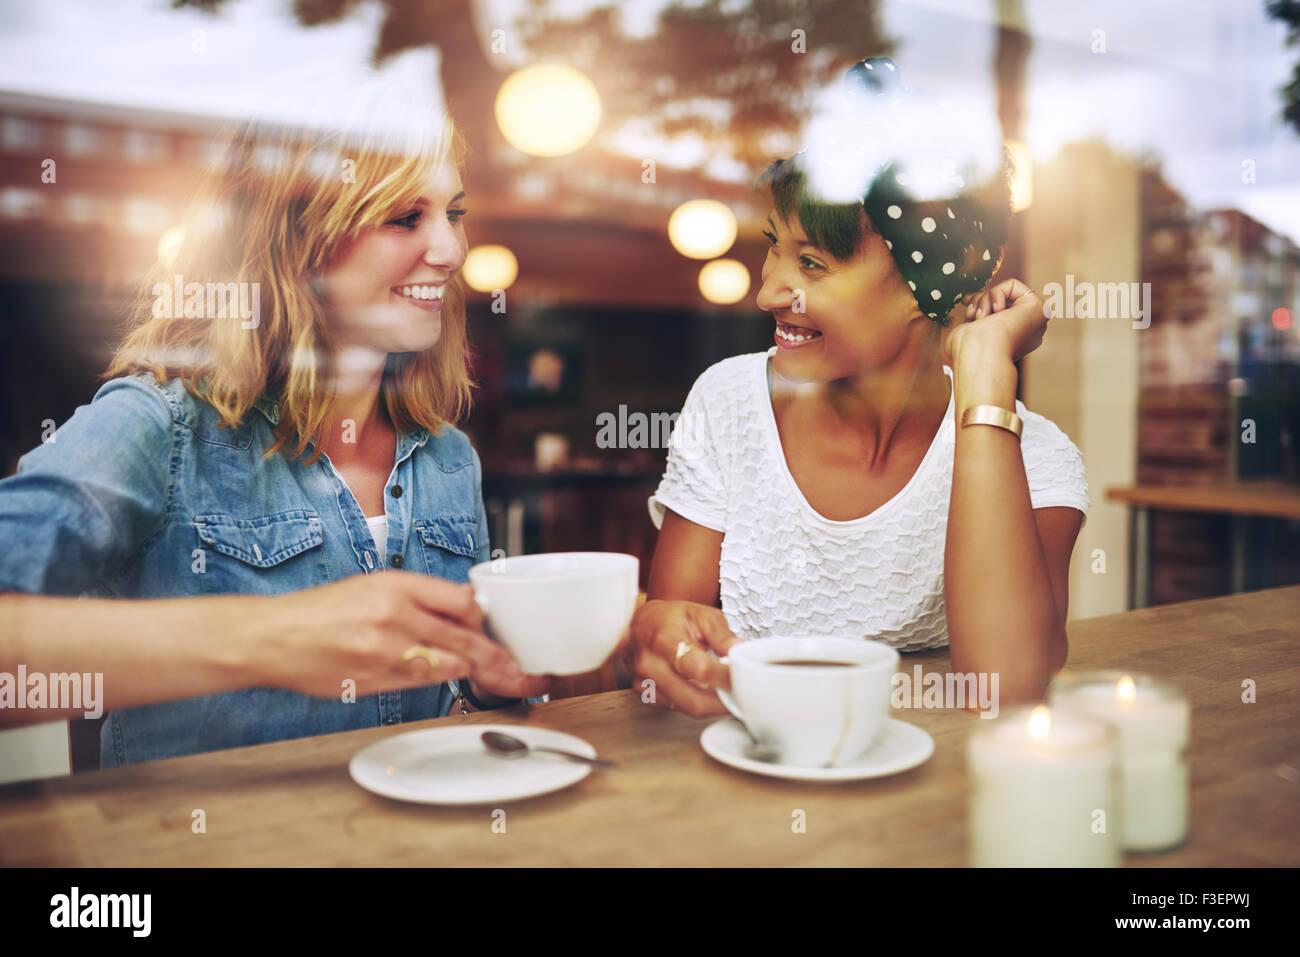 Due multi etnico gli amici sorseggiando caffè insieme in una caffetteria vista attraverso il vetro con riflessioni Immagini Stock